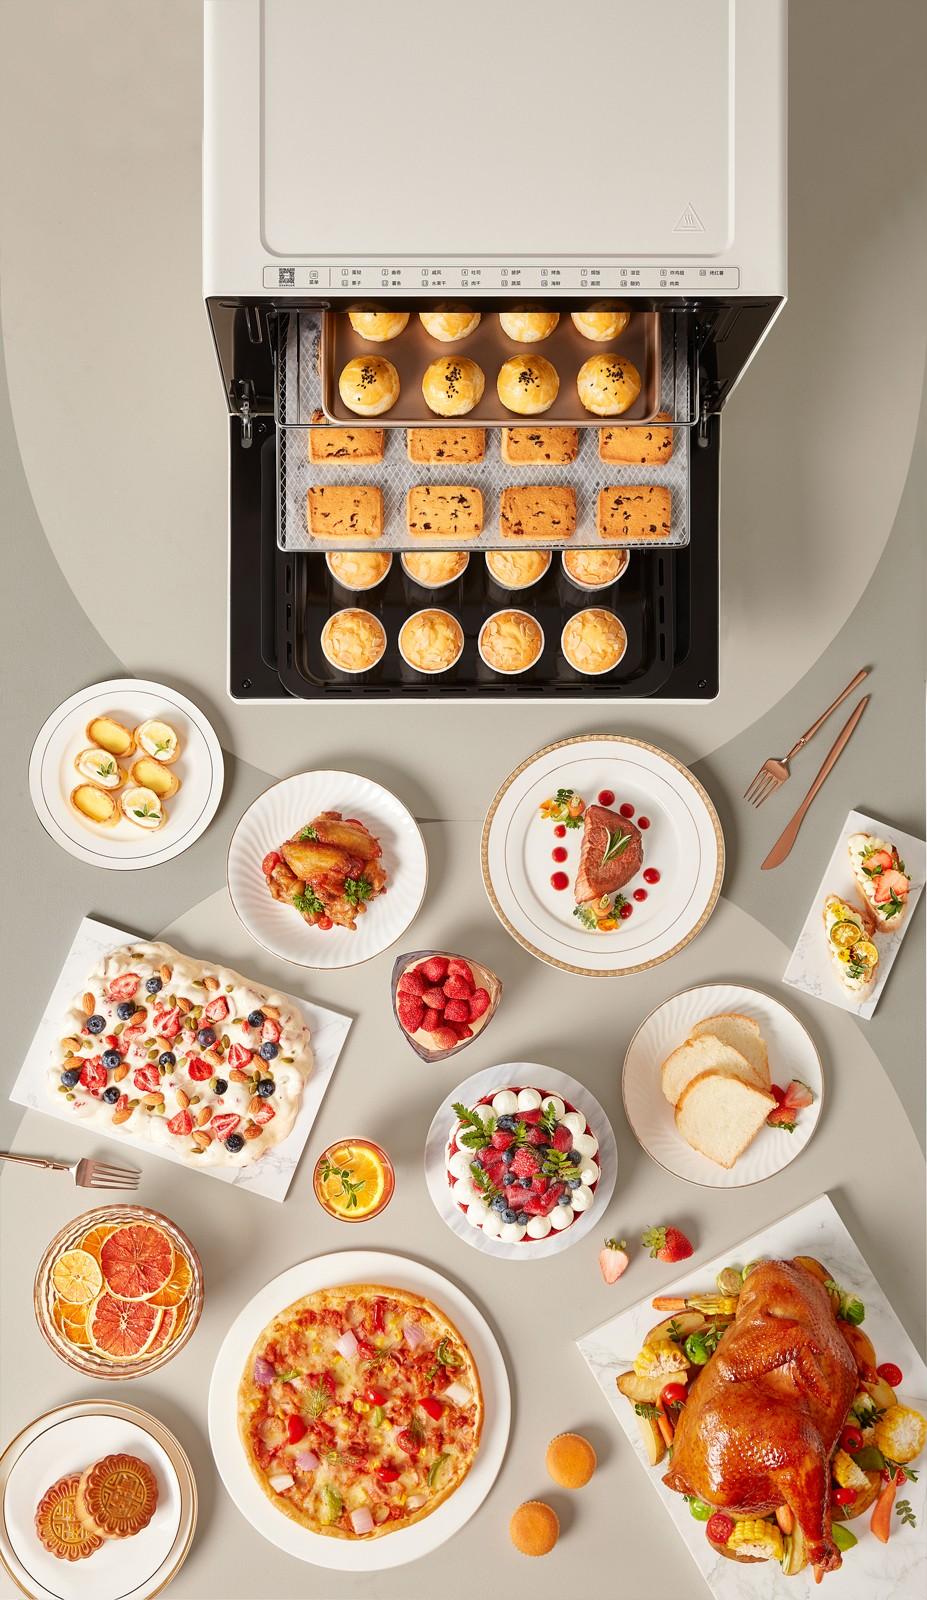 《【摩登3app登录】长帝年度重磅:大白鲸烤箱,多层同烤让下厨更高效》